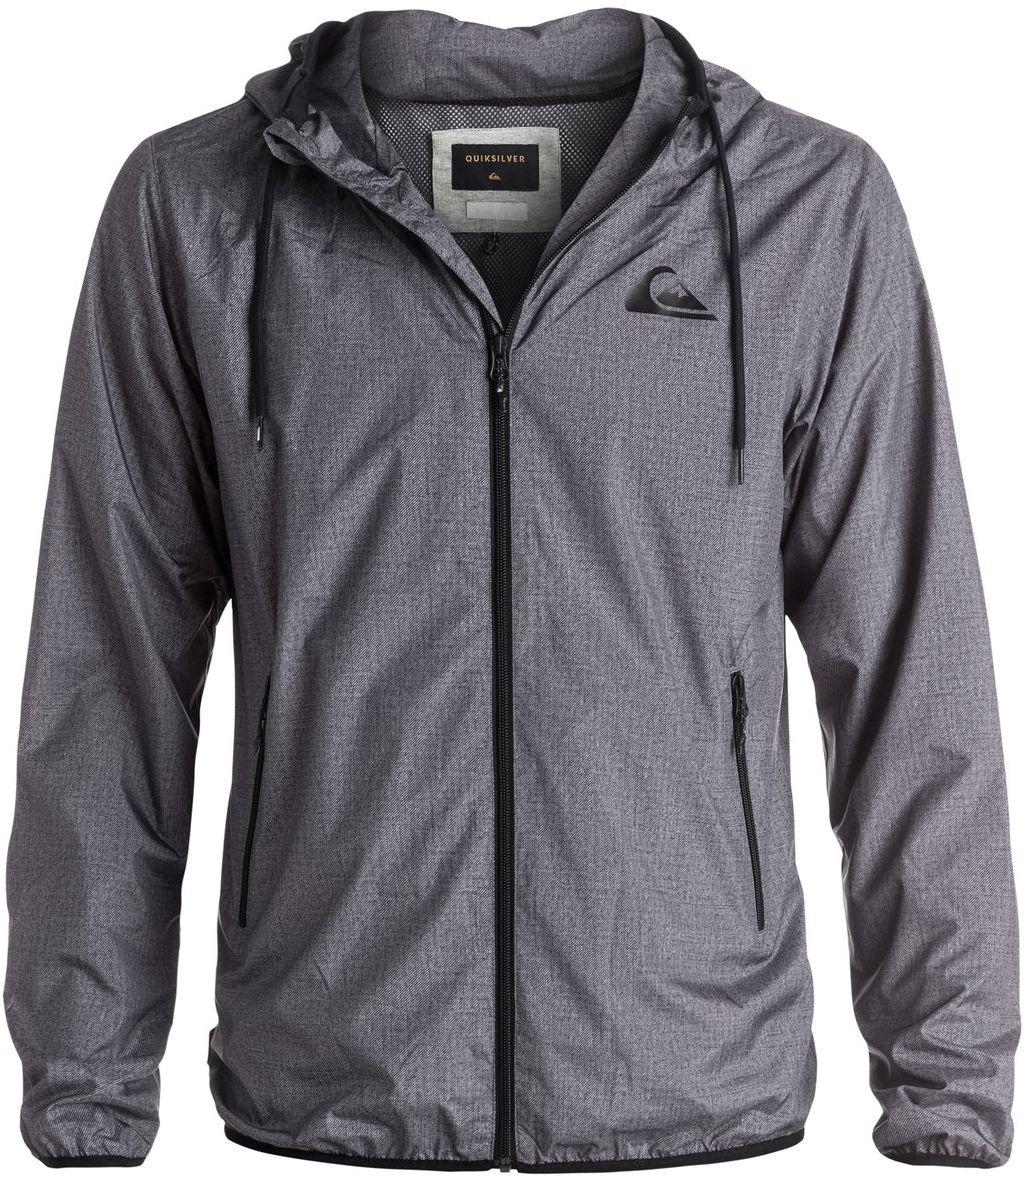 Куртка мужская Quiksilver, цвет: серый. EQYJK03238-KTFH. Размер XXL (54/56)EQYJK03238-KTFHМужская куртка для Quiksilver выполнена из полиэстера. Модель с длинными рукавами и капюшоном застегивается на застежку-молнию. Изделие имеет спереди два врезных кармана. Рукава и низ куртки дополнены эластичными резинками.